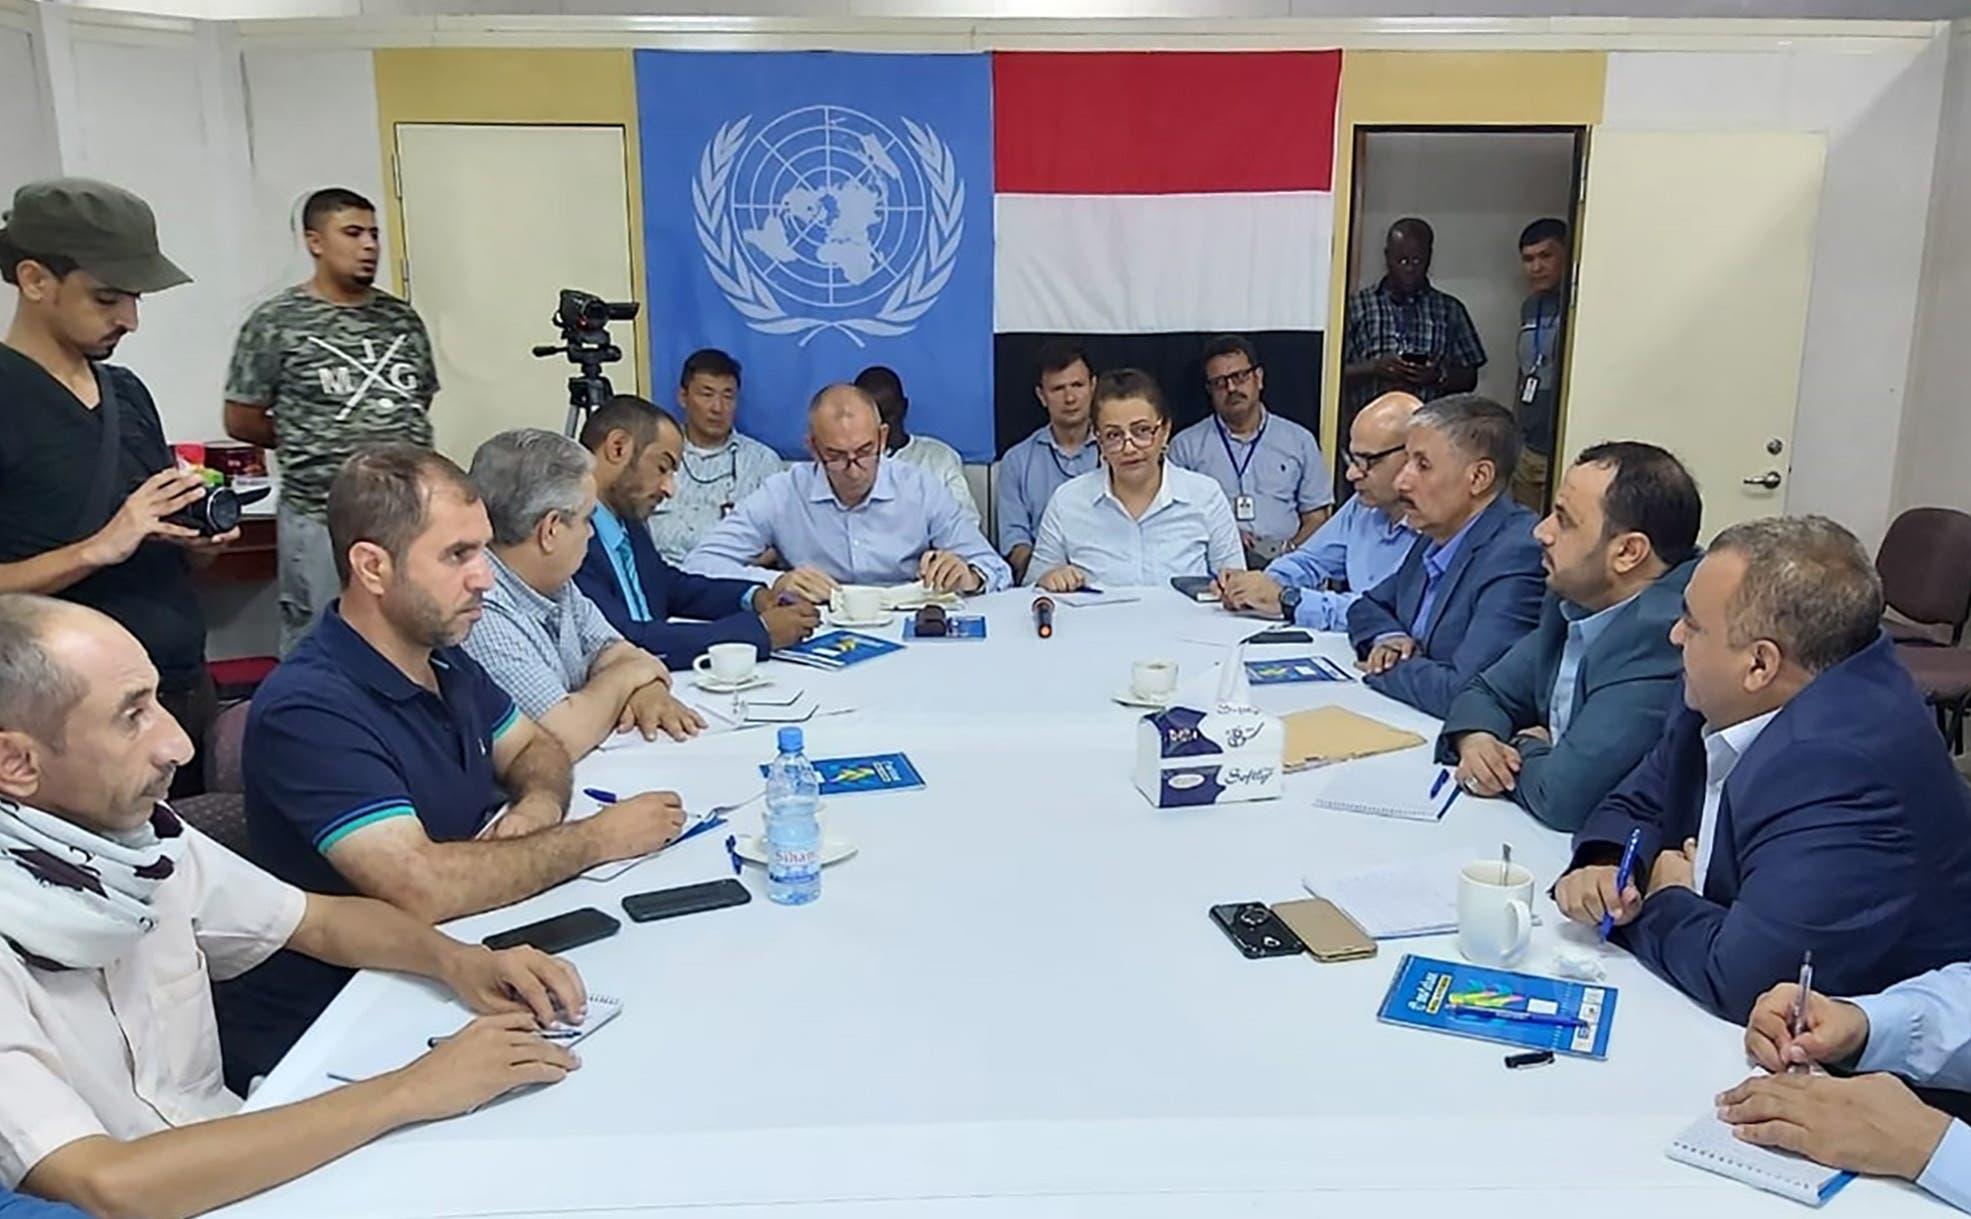 اجتماع  أعضاء الفريق الأممي في الحديدة (أرشيفية- فرانس برس)